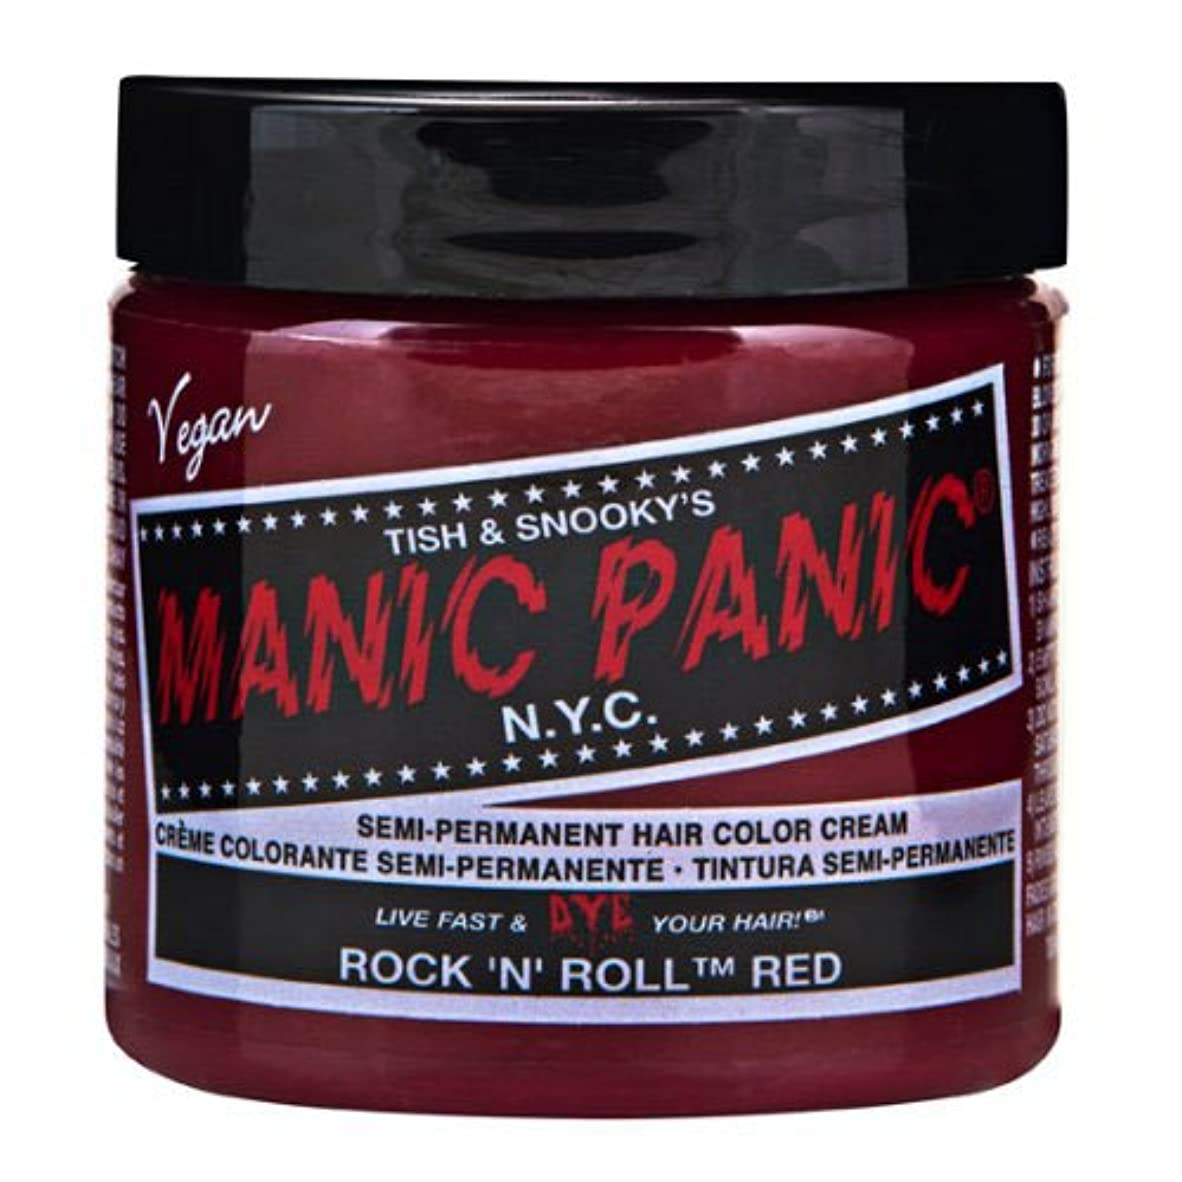 マニックパニック カラークリーム ロックンロールレッド